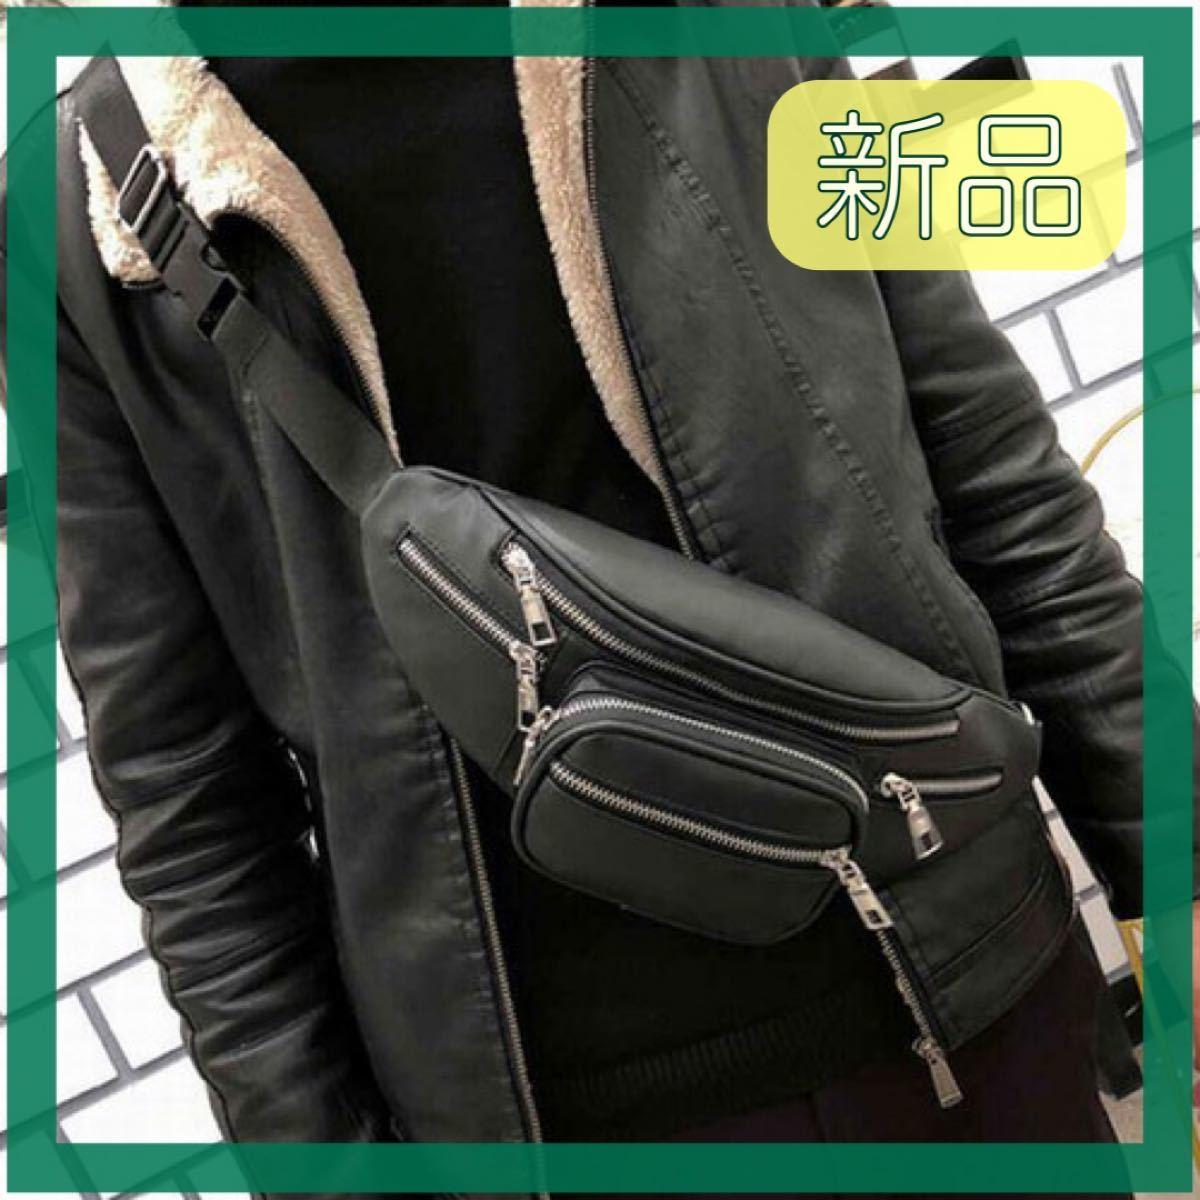 大人気 ショルダーバッグ ウエストポーチ メンズ レディース レザー 男女兼用 バッグ かばん 黒 ブラック ボディバッグ